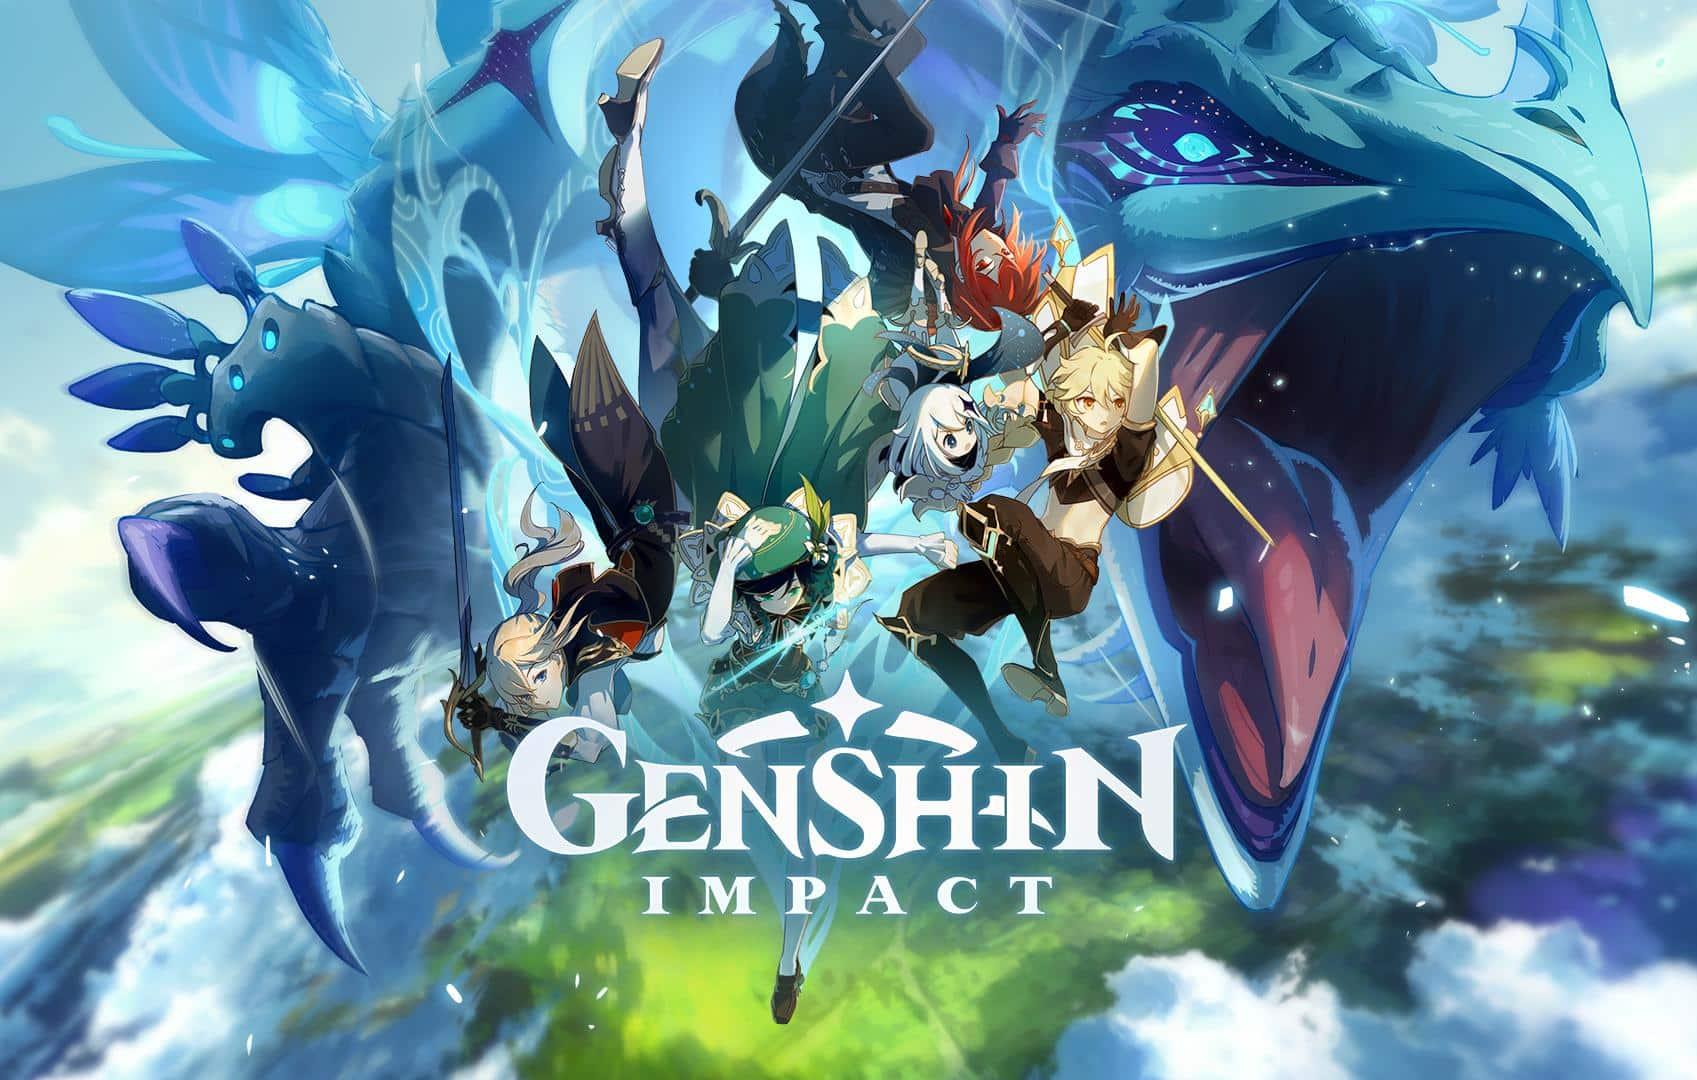 Genshin Impact Como Baixar O Jogo Em Smartphones Android Olhar Digital